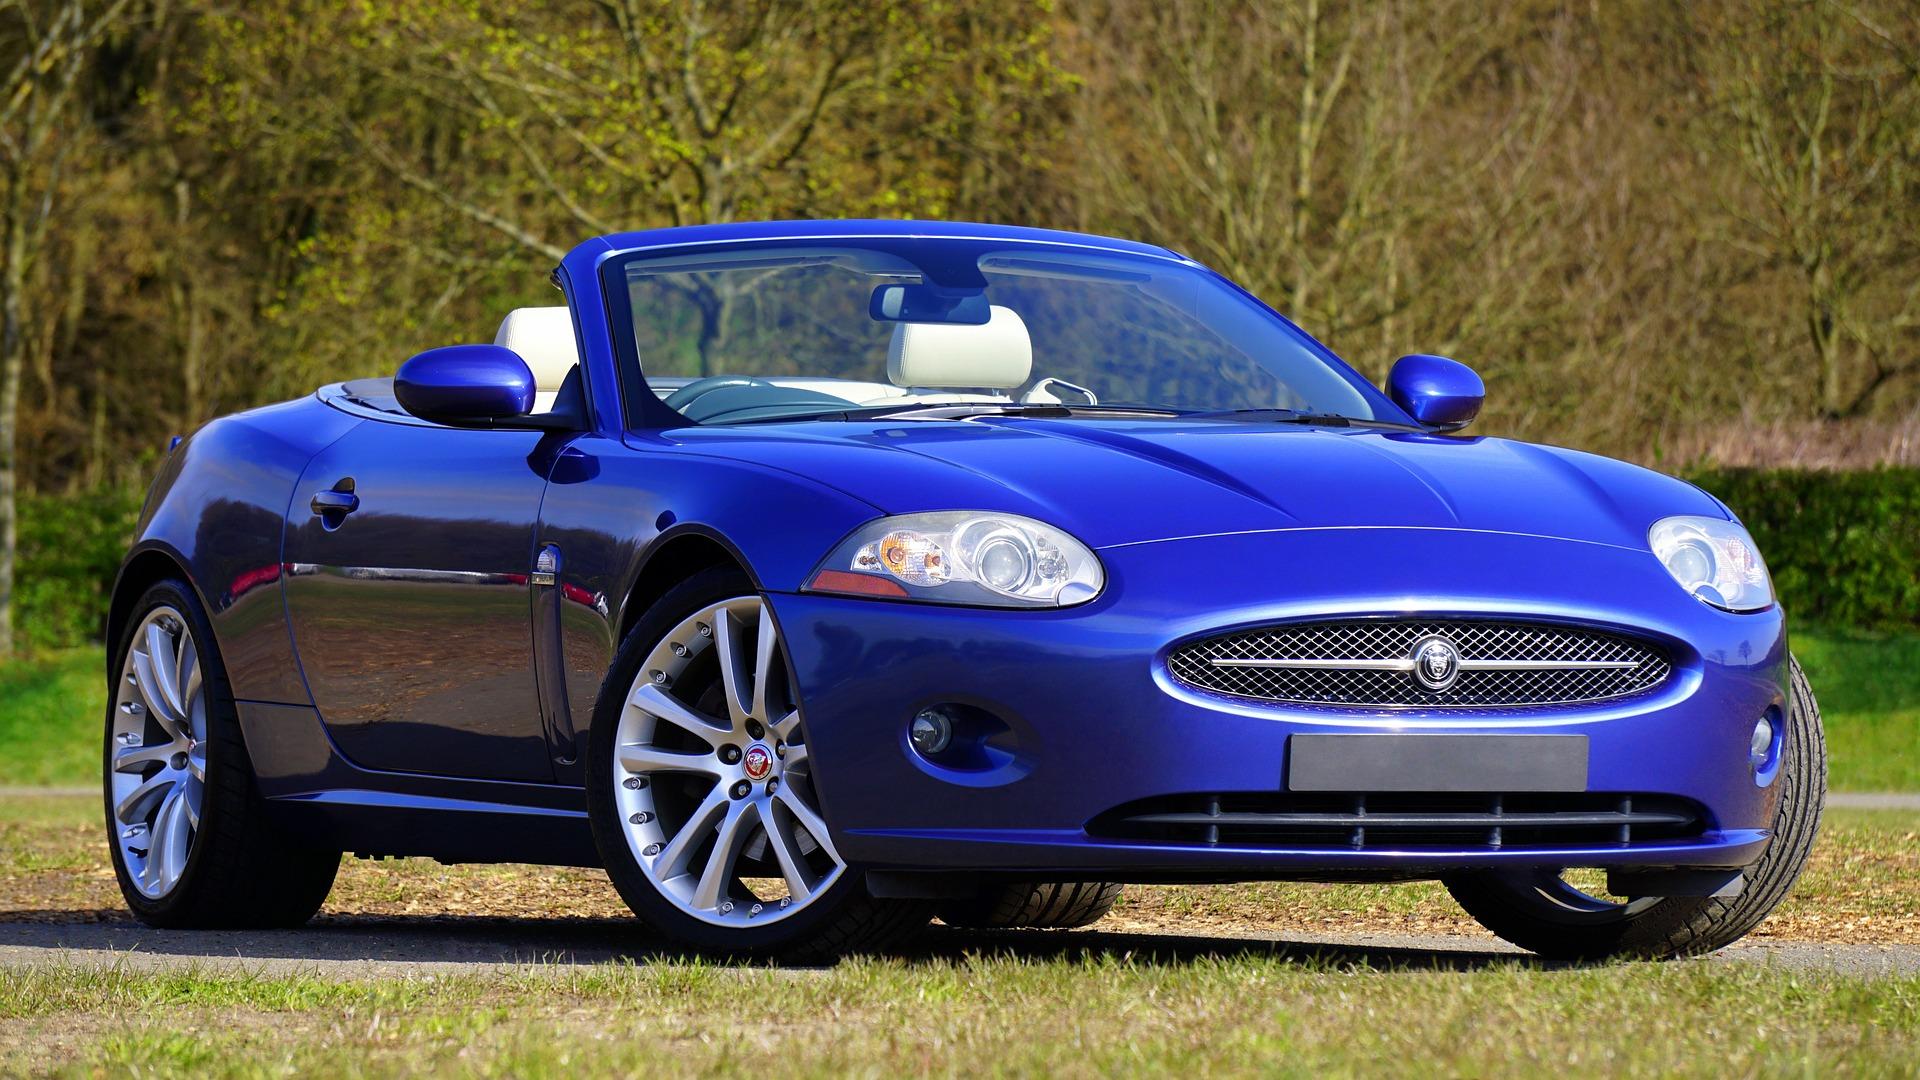 voiture, sport, luxe, Jaguar, Bleu - Fonds d'écran HD - Professor-falken.com